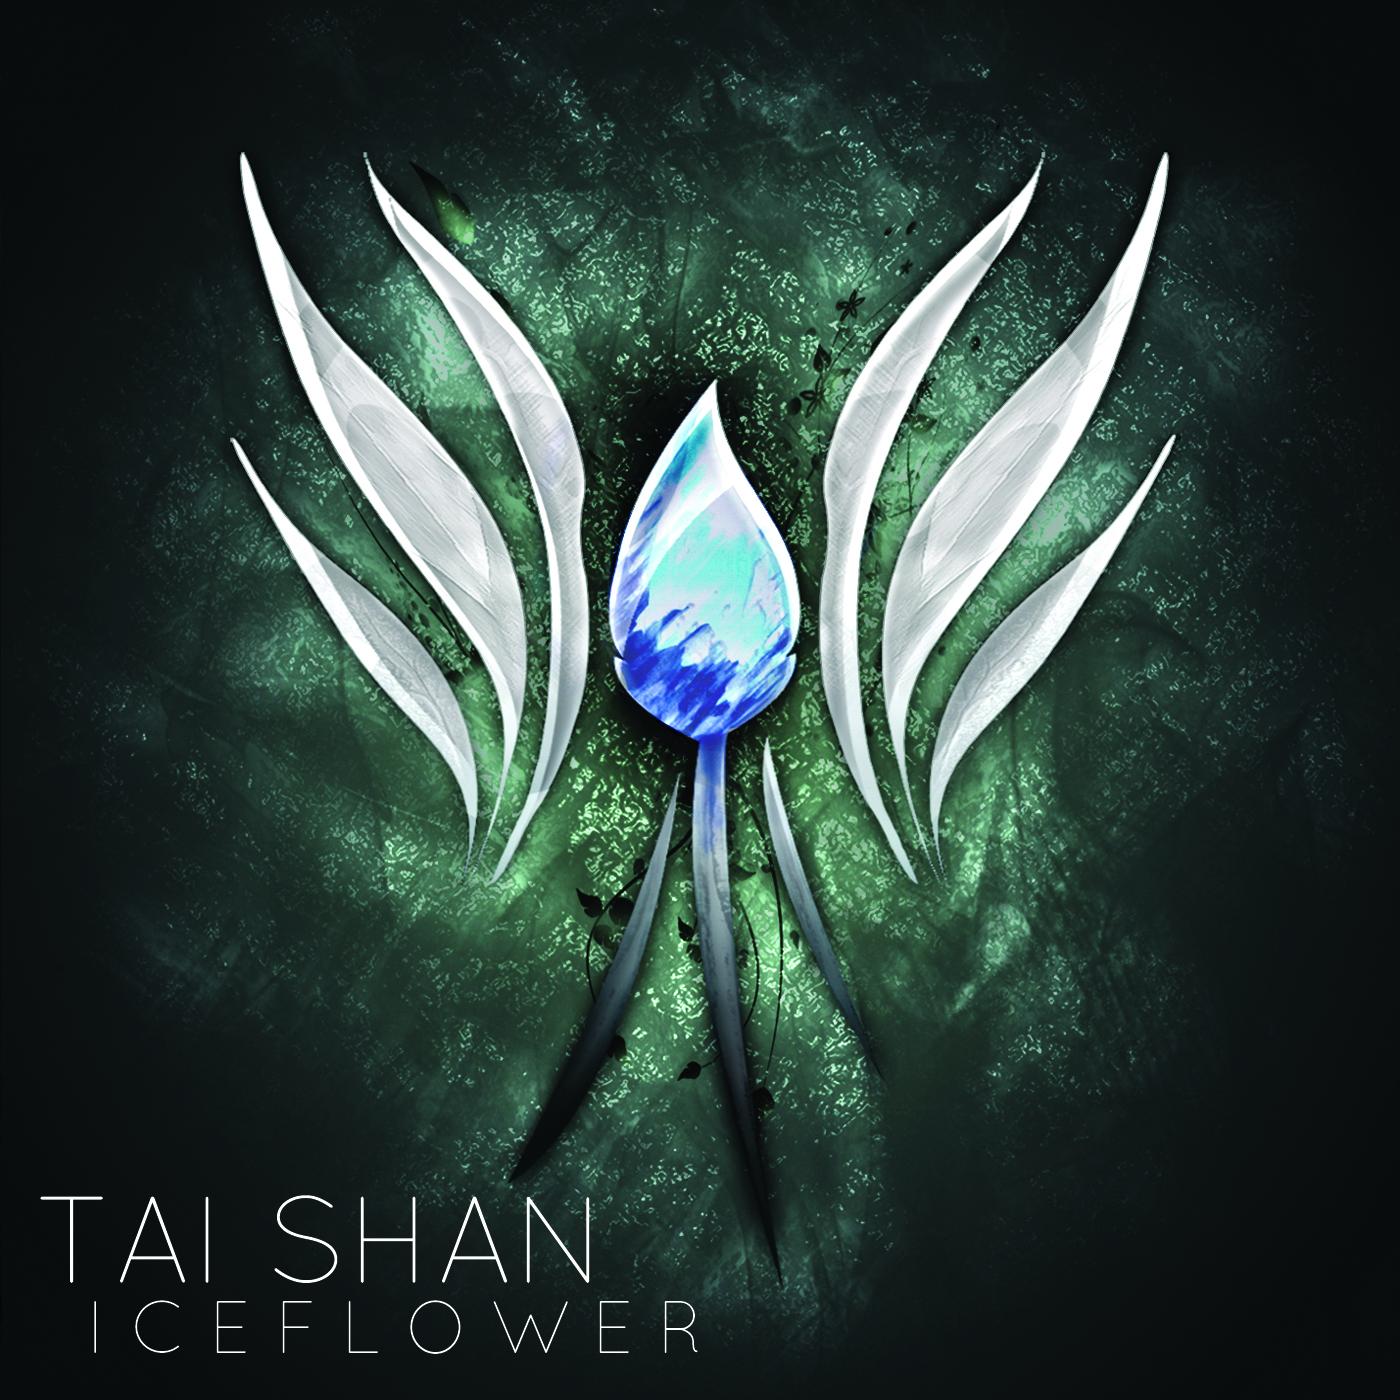 Tai Shan: Iceflower